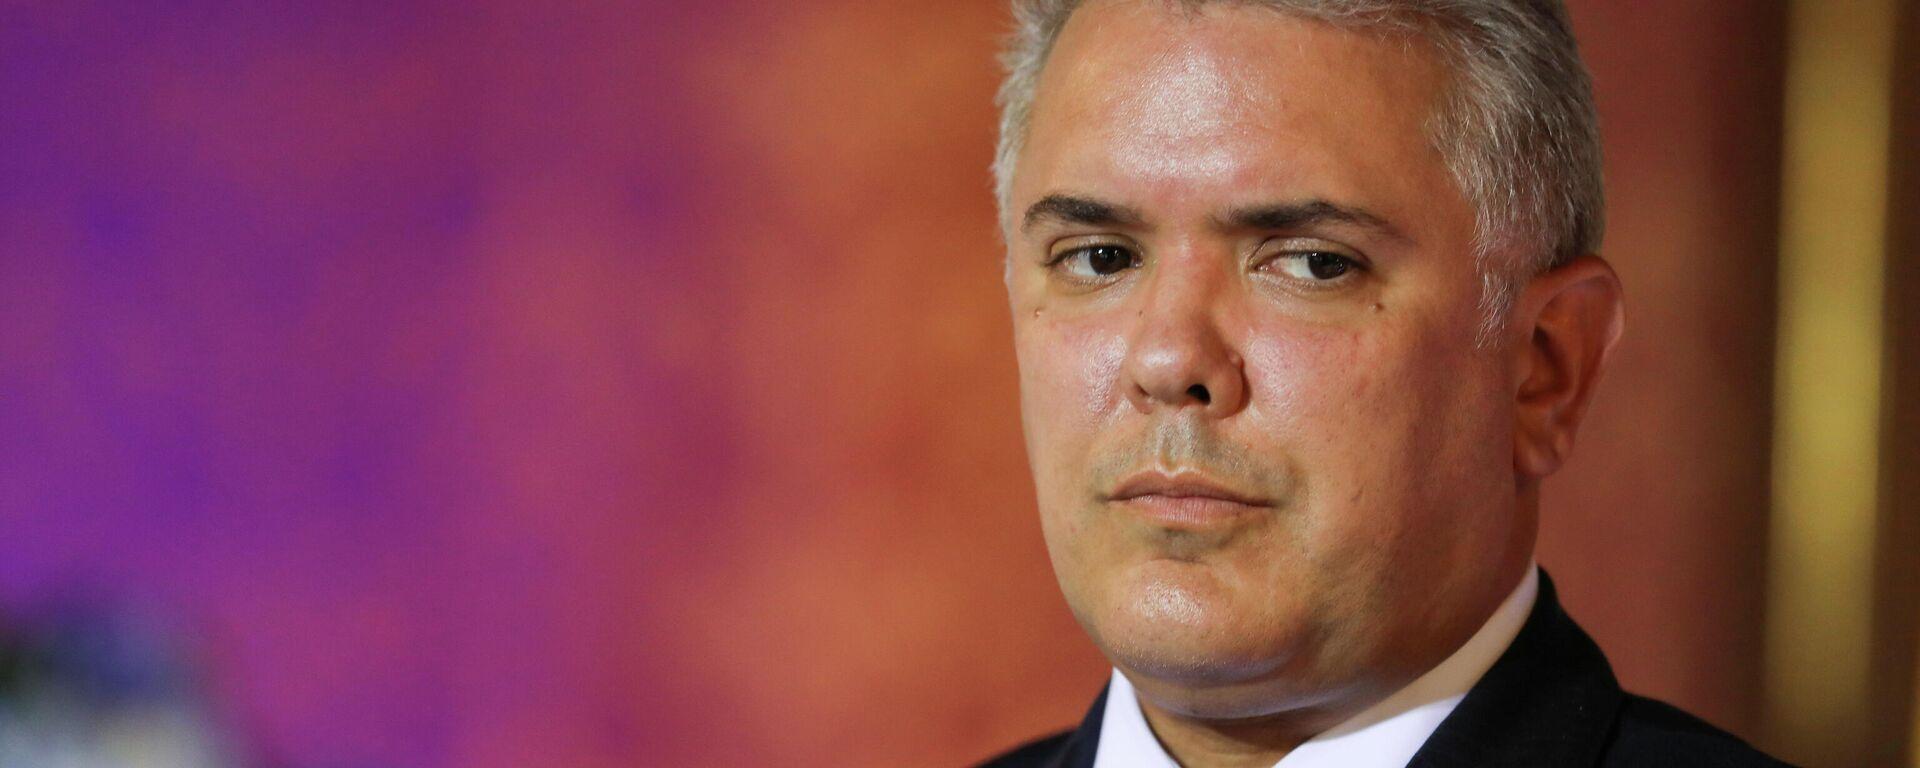 Iván Duque, presidente de Colombia - Sputnik Mundo, 1920, 07.09.2021